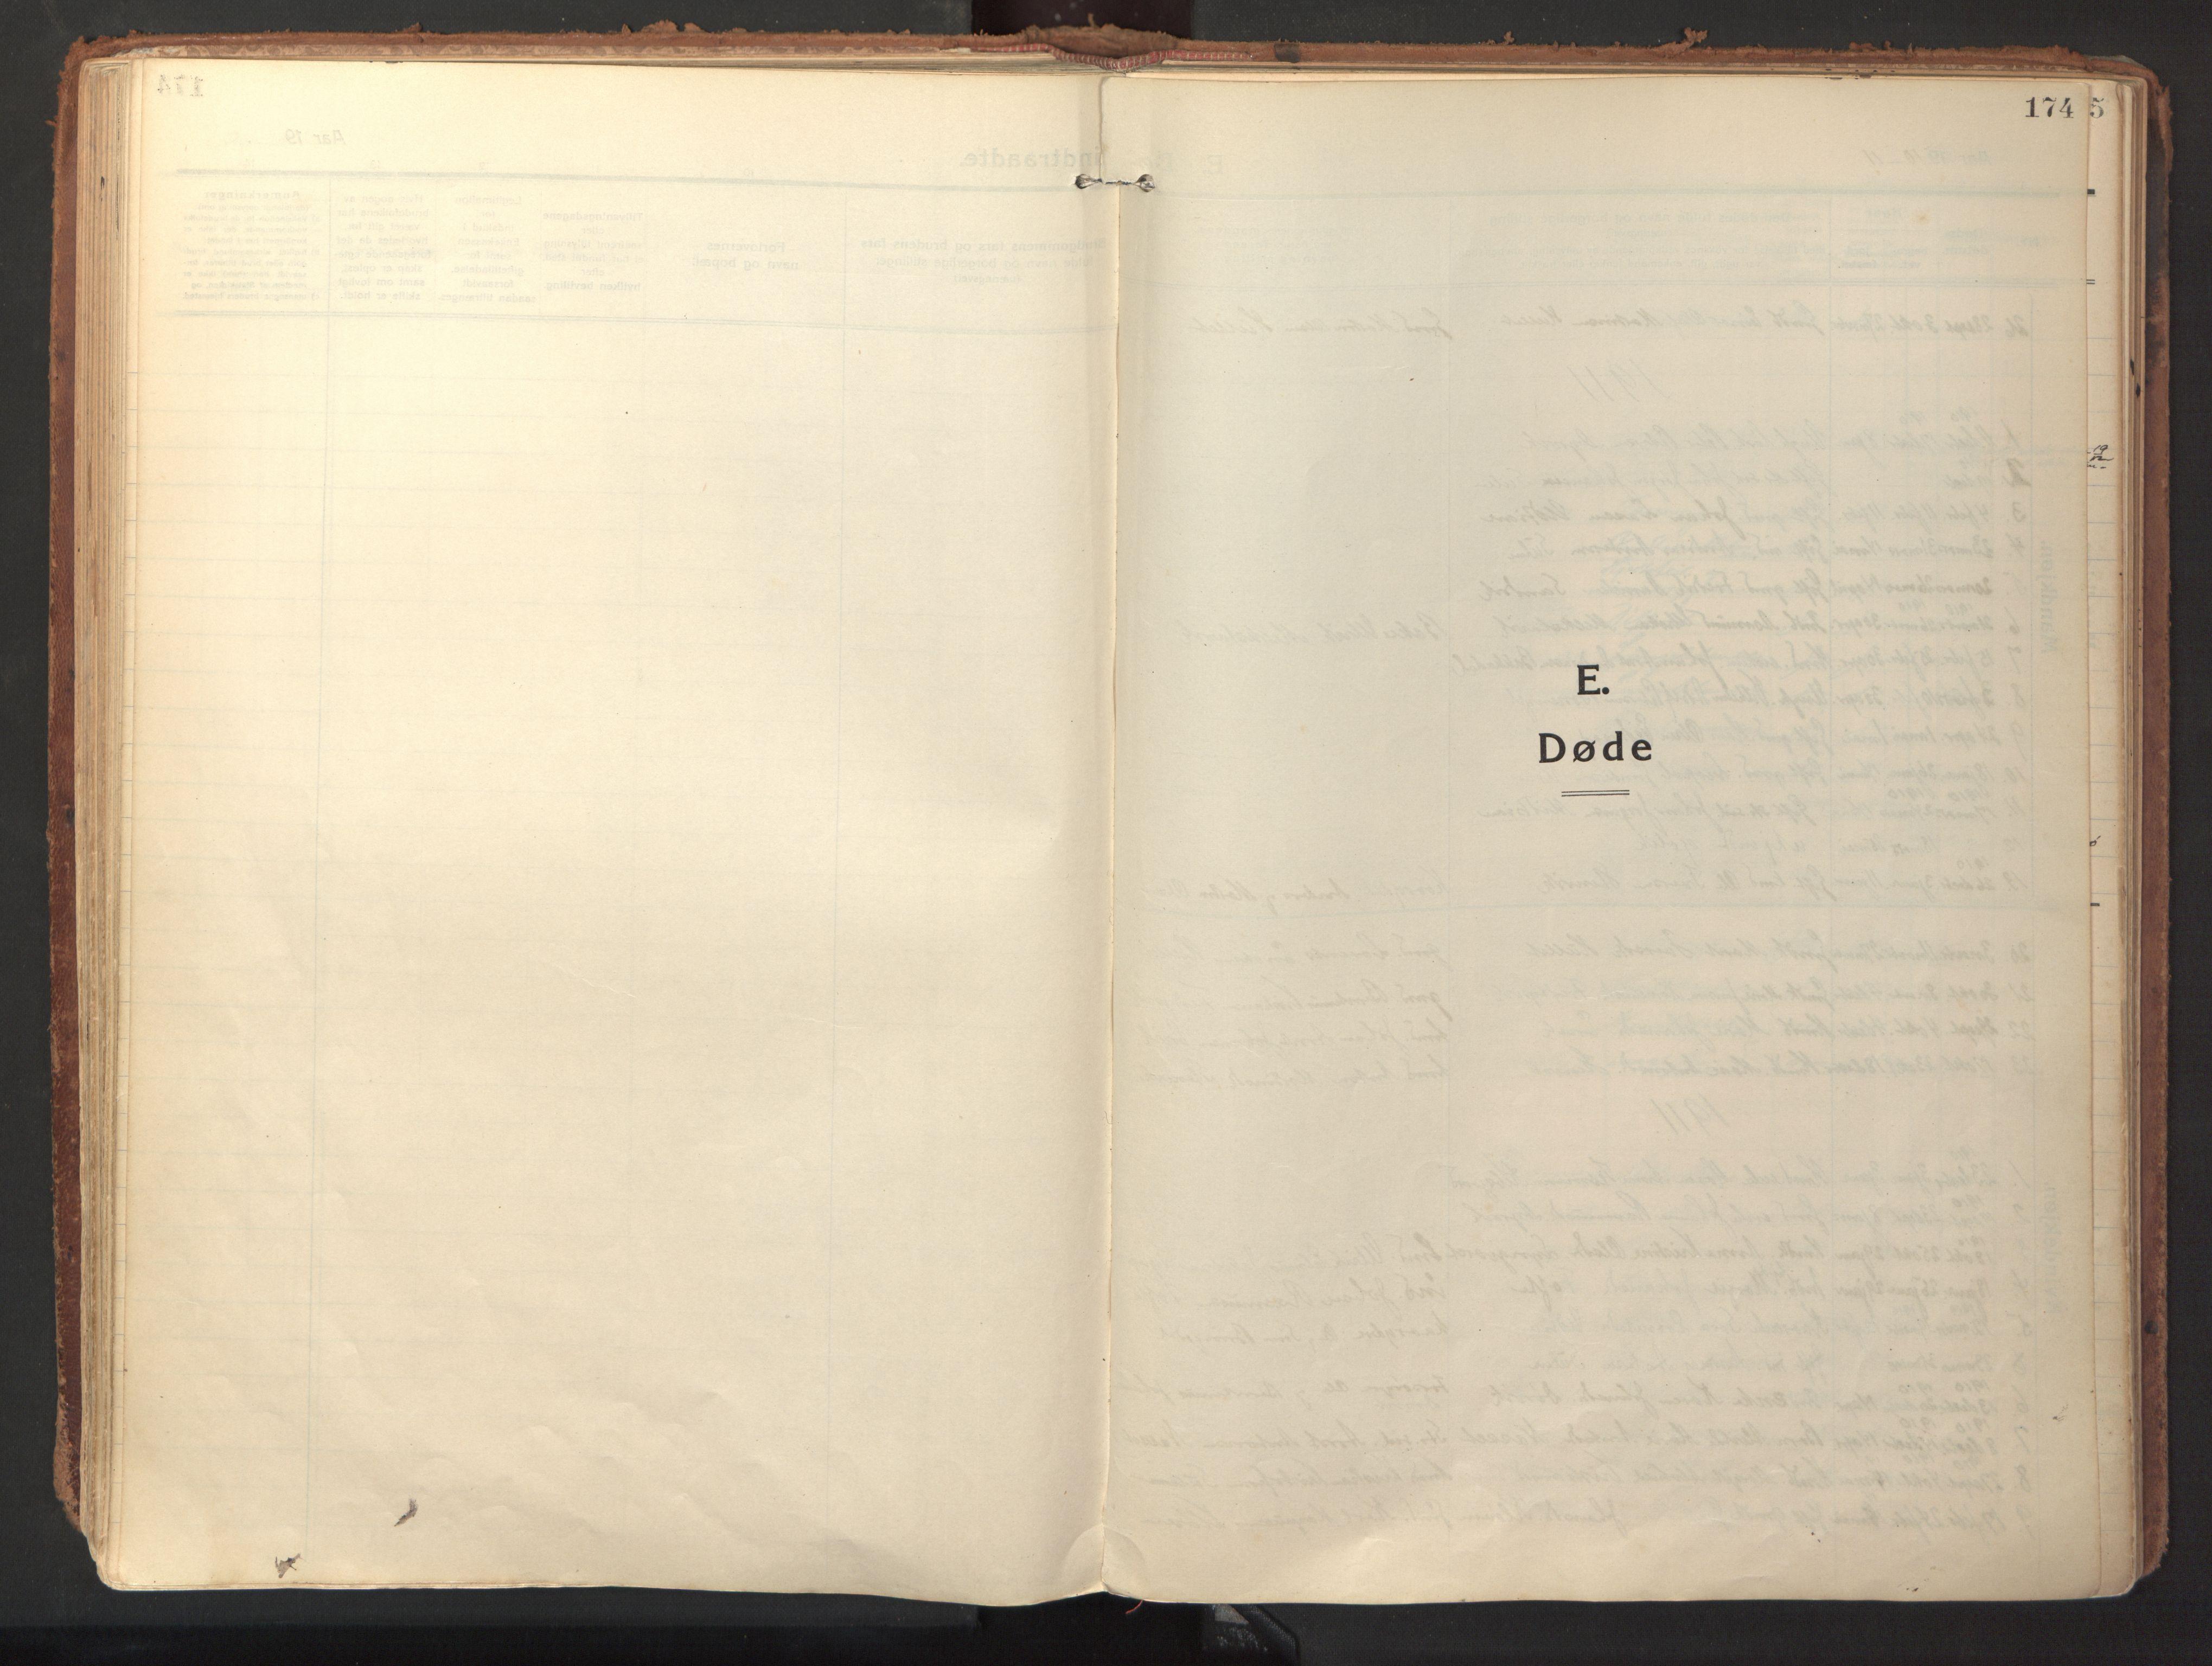 SAT, Ministerialprotokoller, klokkerbøker og fødselsregistre - Sør-Trøndelag, 640/L0581: Ministerialbok nr. 640A06, 1910-1924, s. 174